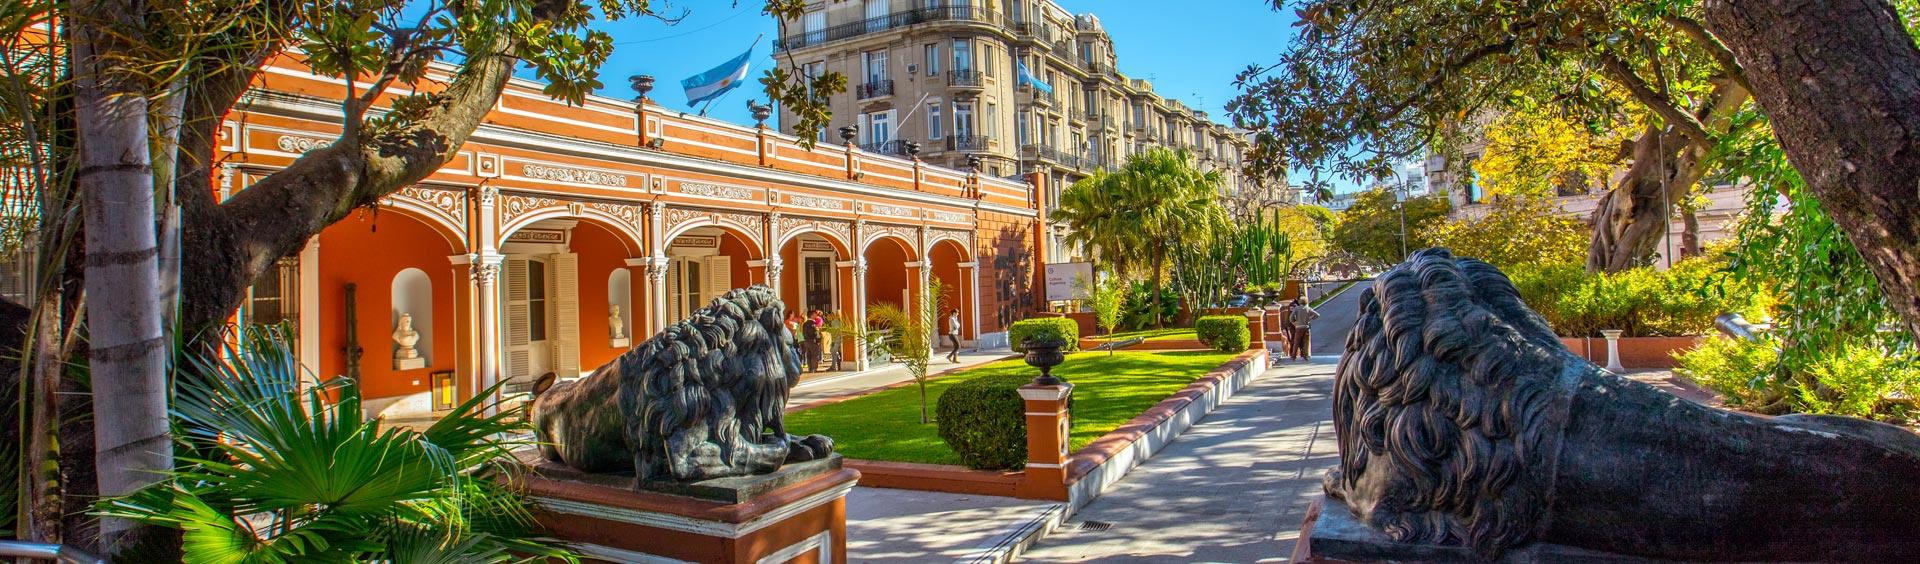 Esplorando l'argentina 6 Buenos Aires